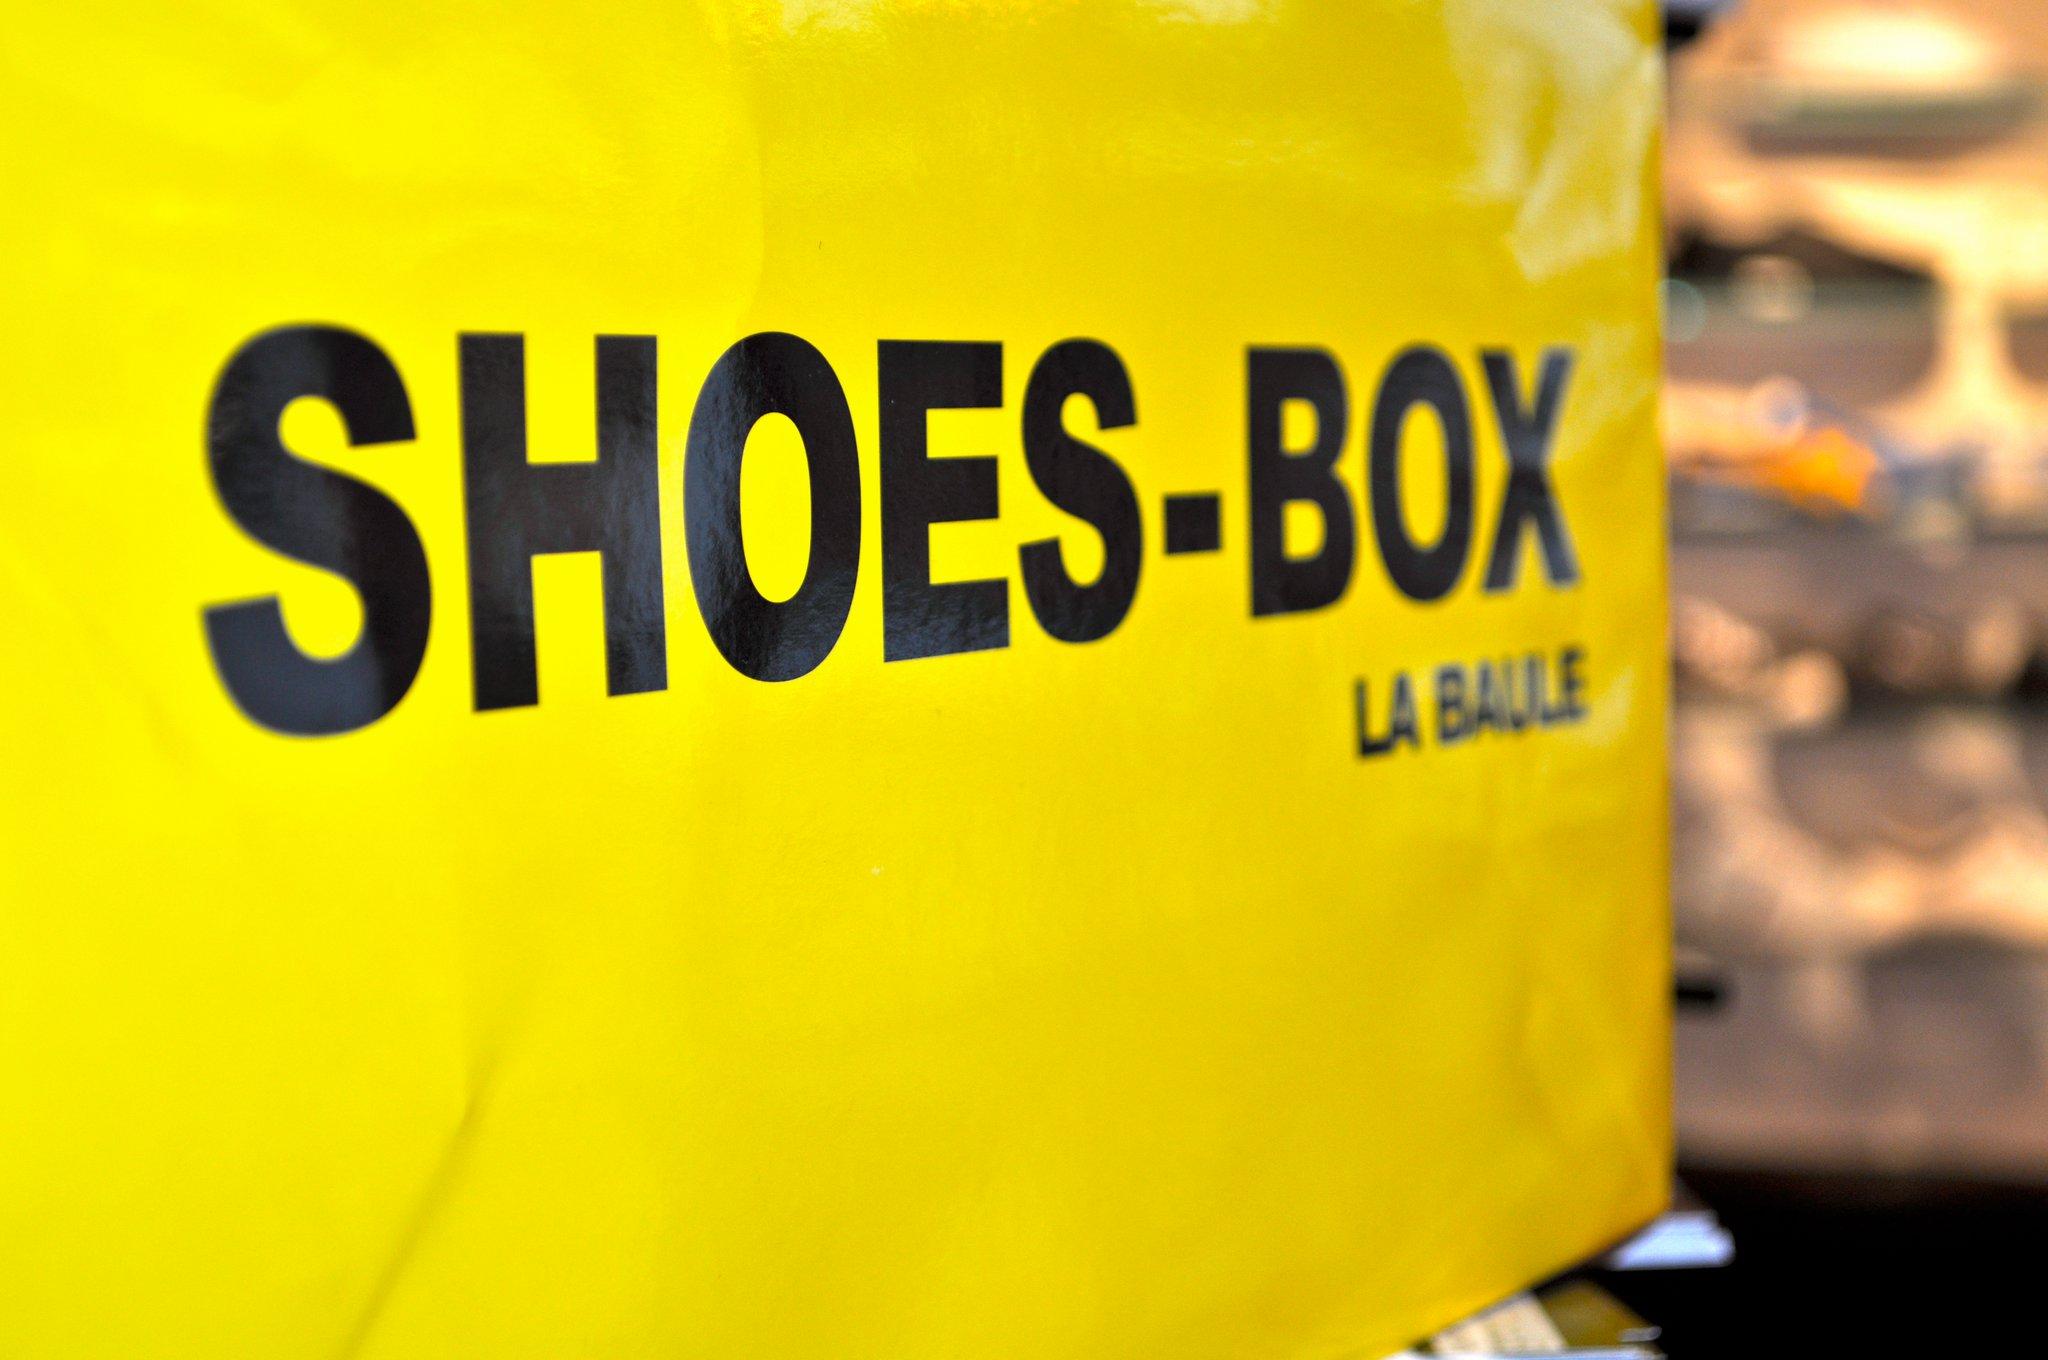 shoes box boutique chaussures la baule